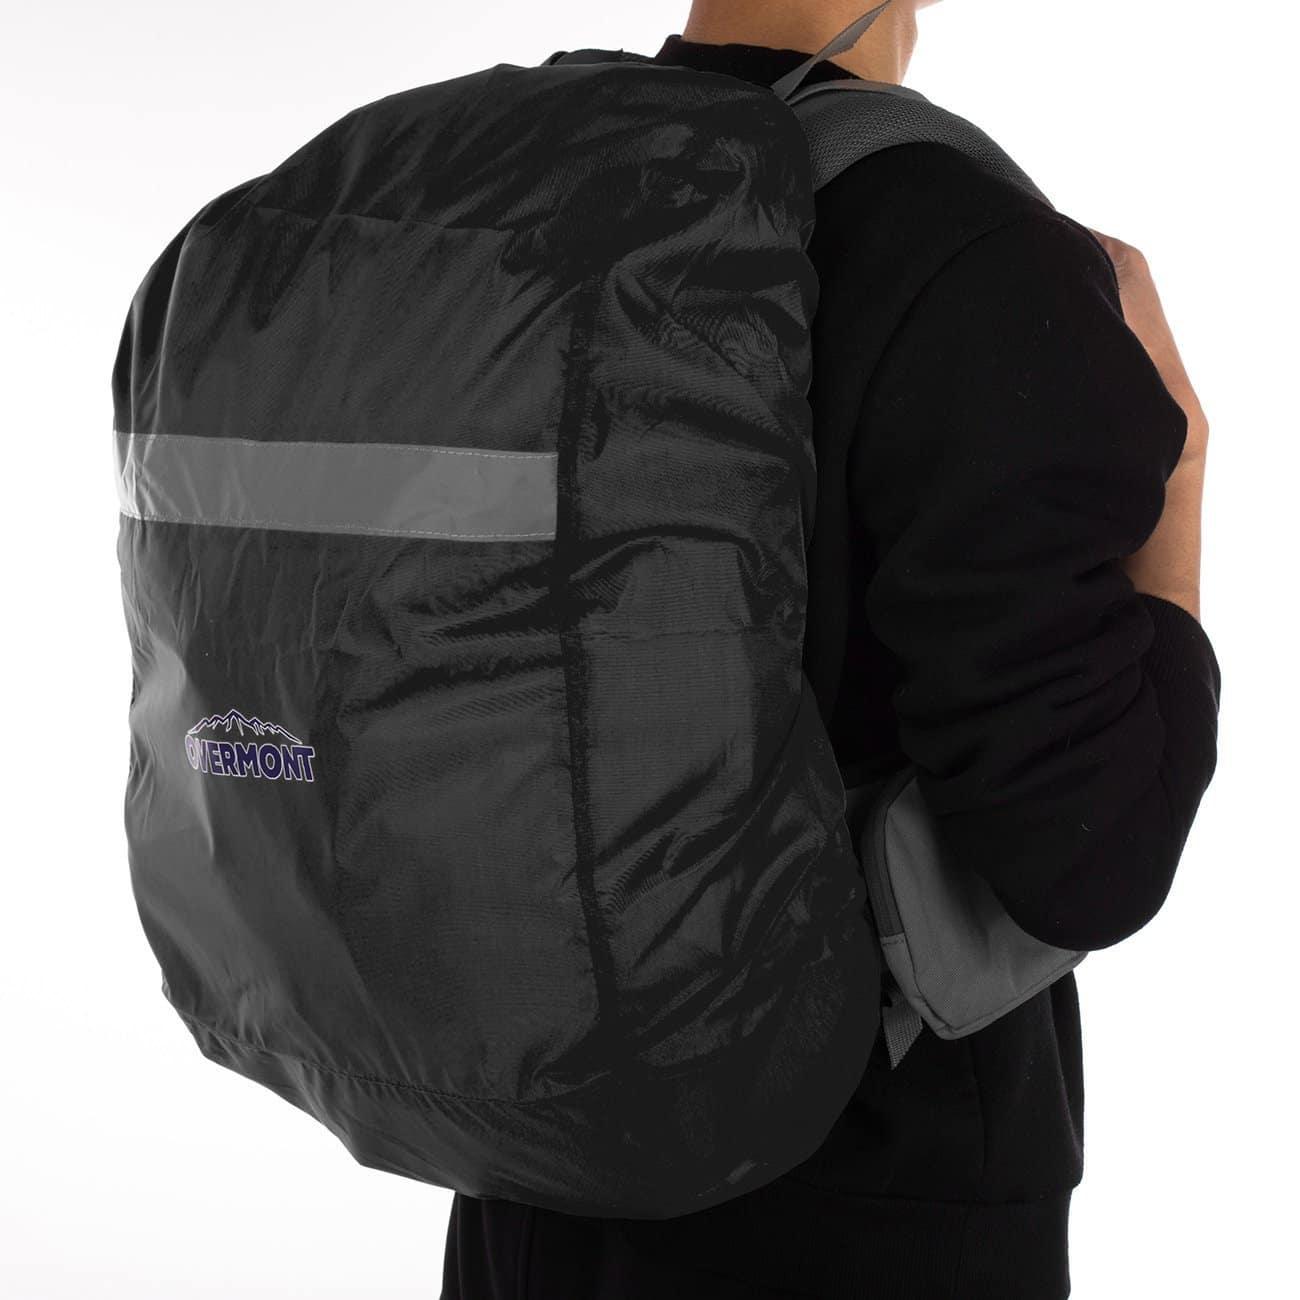 Overmont Housse/Protection/Couverture de sac à dos anti-pluie imperméable avec bande réfléchissante pour camping, randonnée, transport etc.